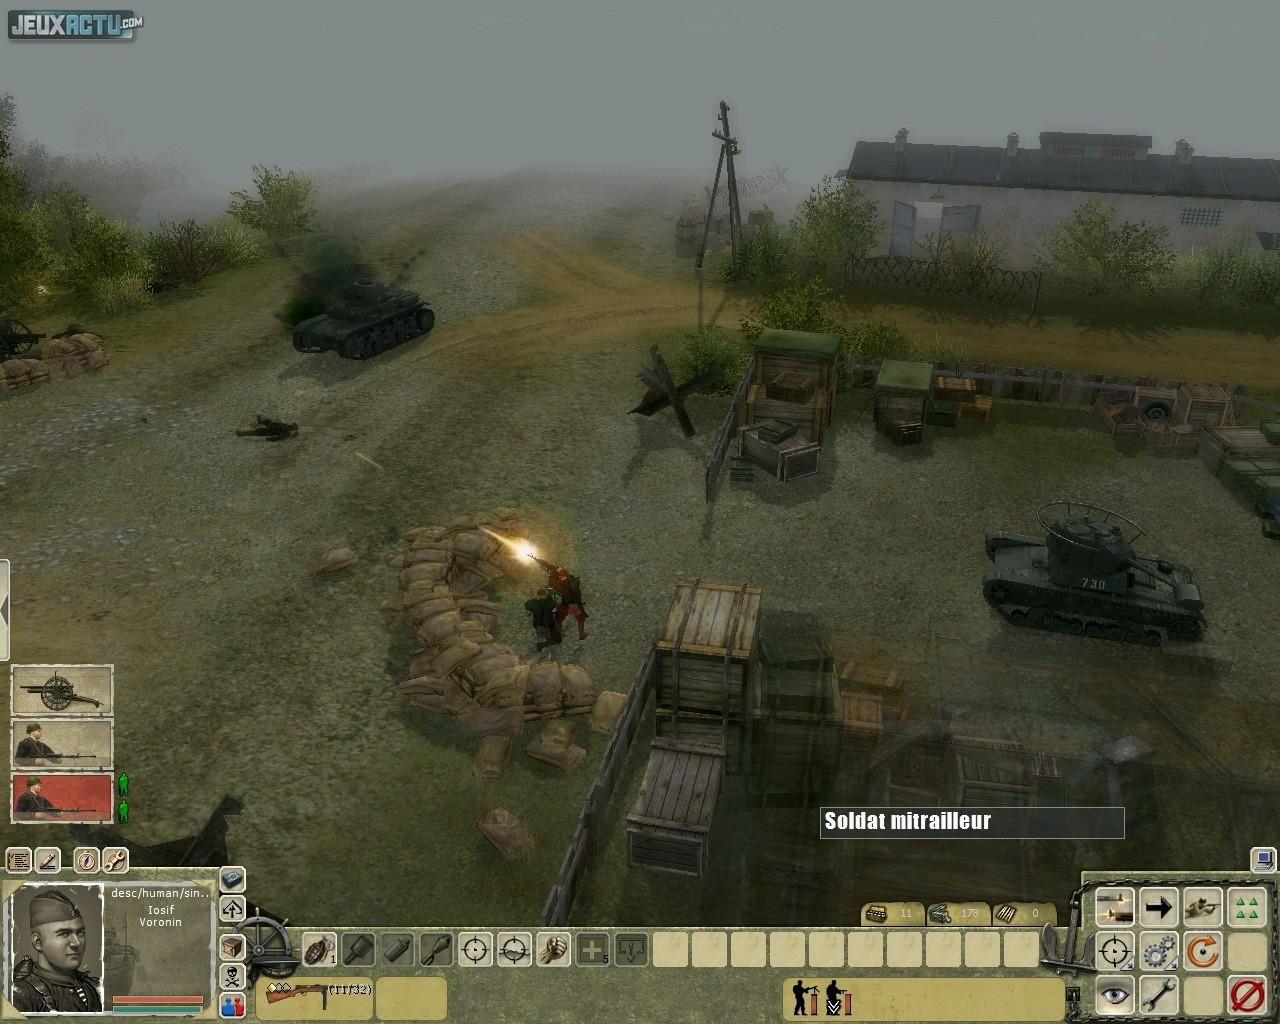 Jeux de strategie pc seconde guerre mondiale